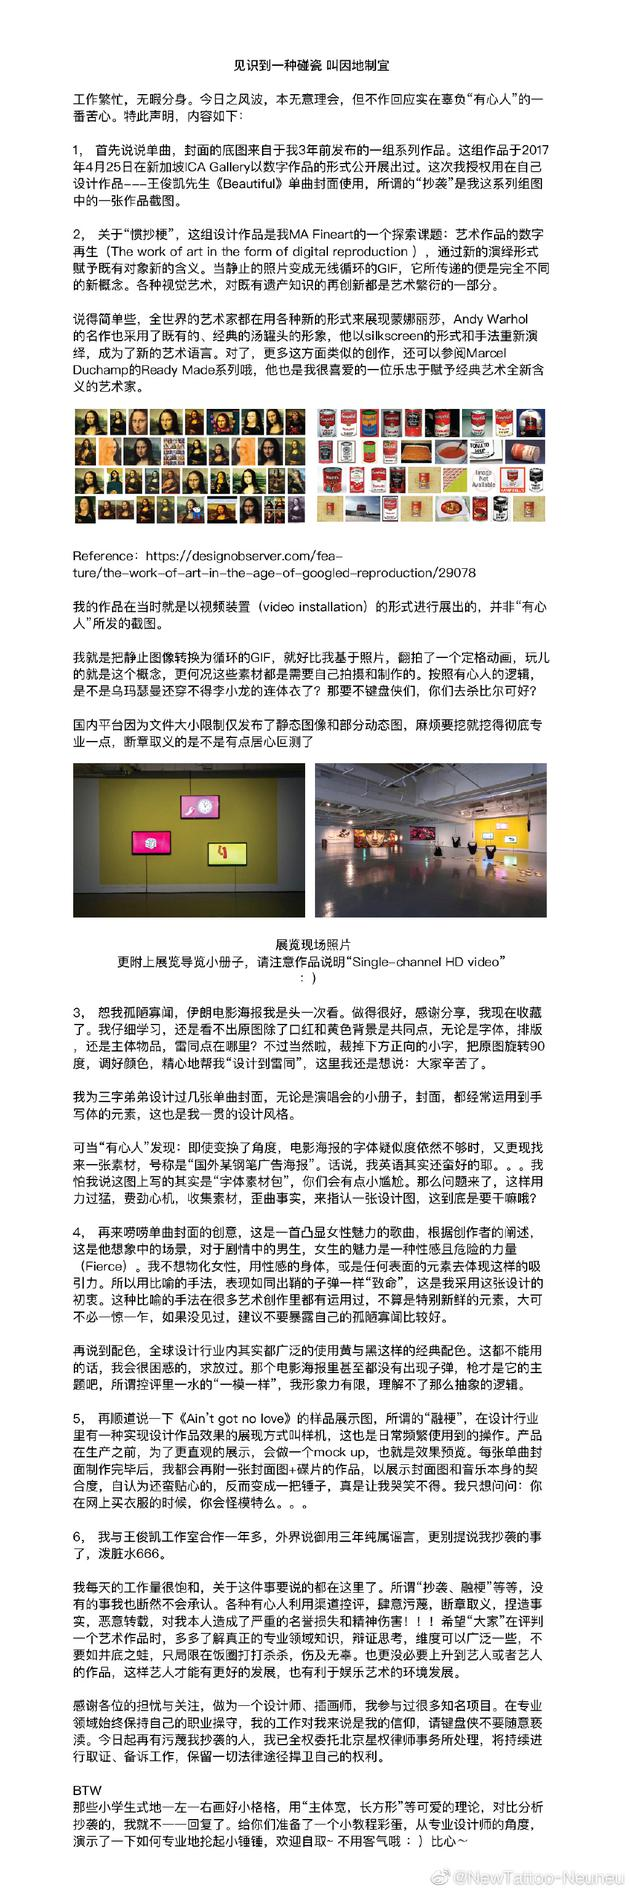 """王俊凯单曲封面设计师否认抄袭 辟谣""""御用三年""""说"""